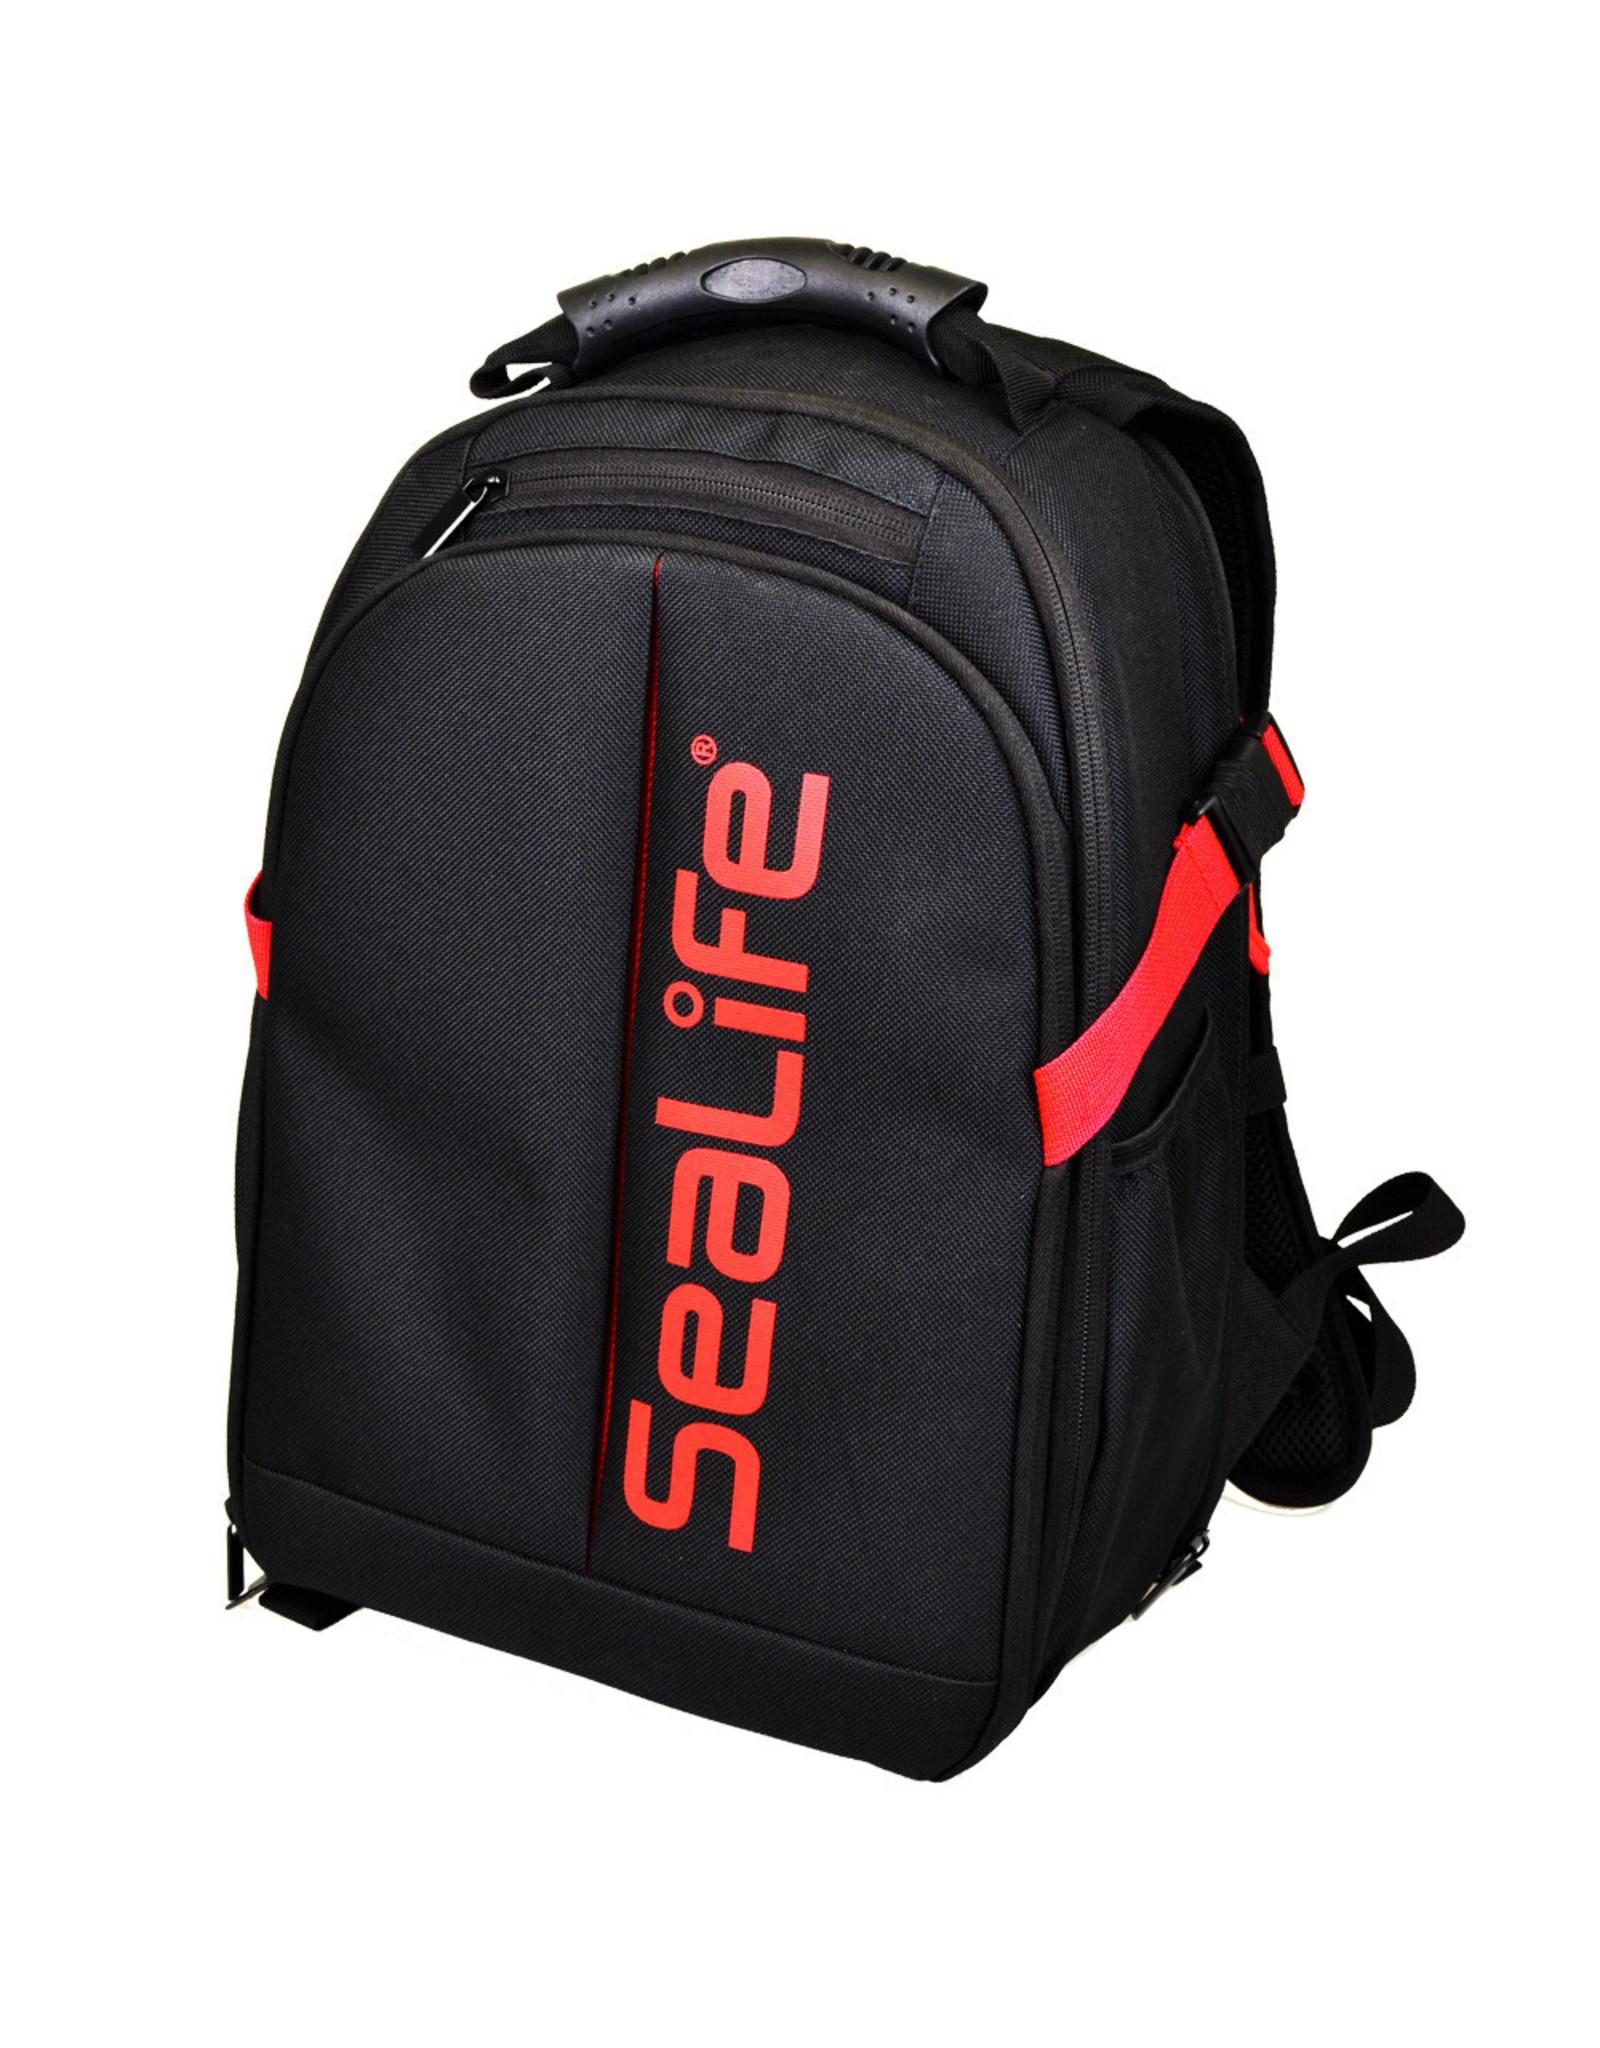 Sealife Sealife Photo Pro Backpack